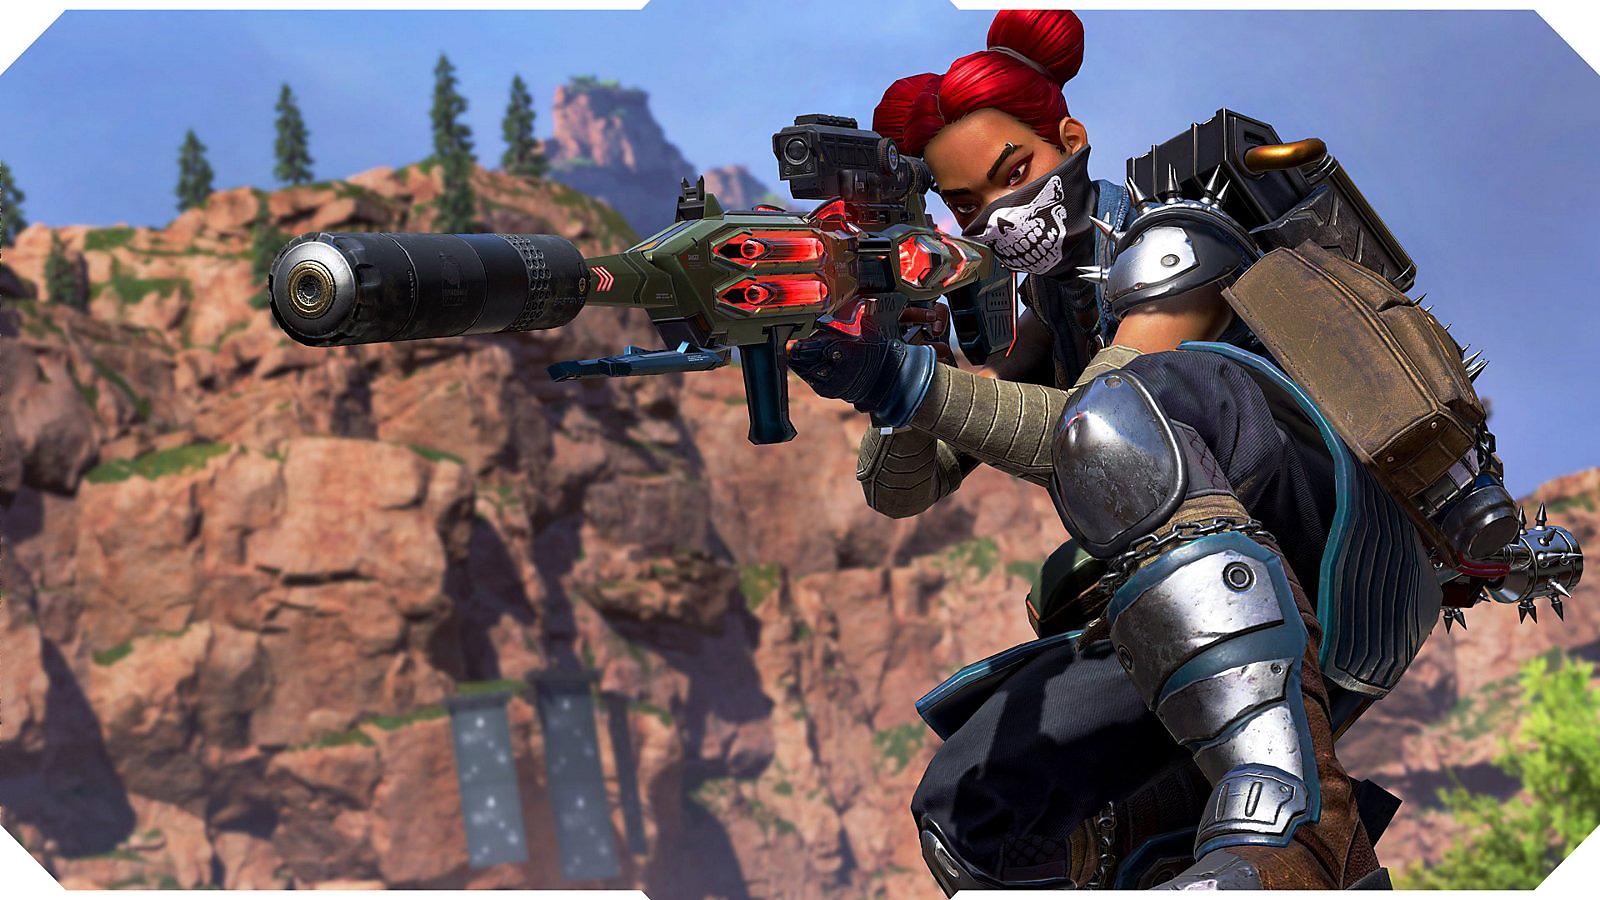 Apex Legends screenshot of Lifeline